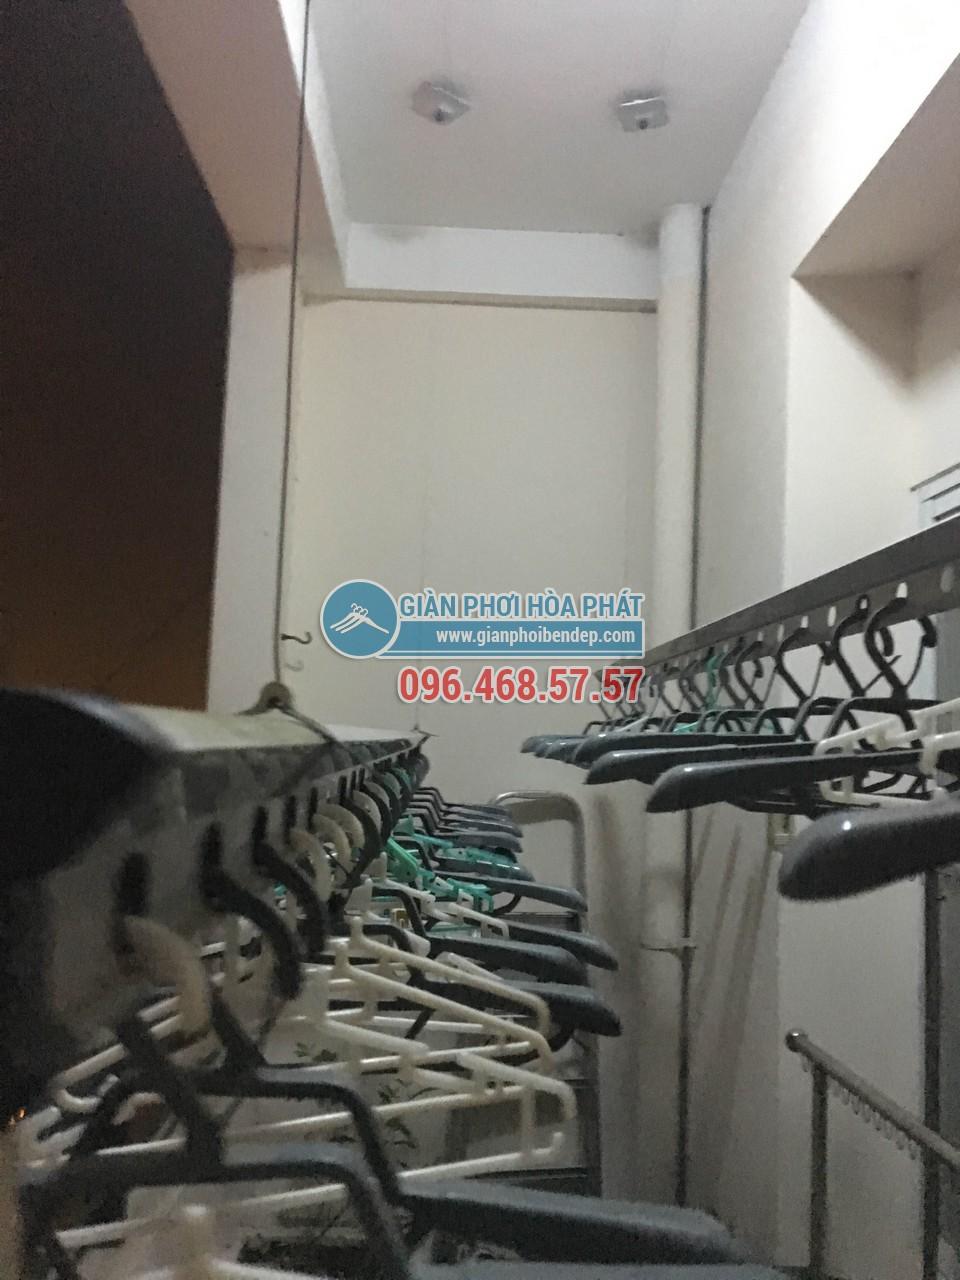 Nhà chung cư đẹp ngây ngất nhờ lắp đặt giàn phơi thông minh - 03